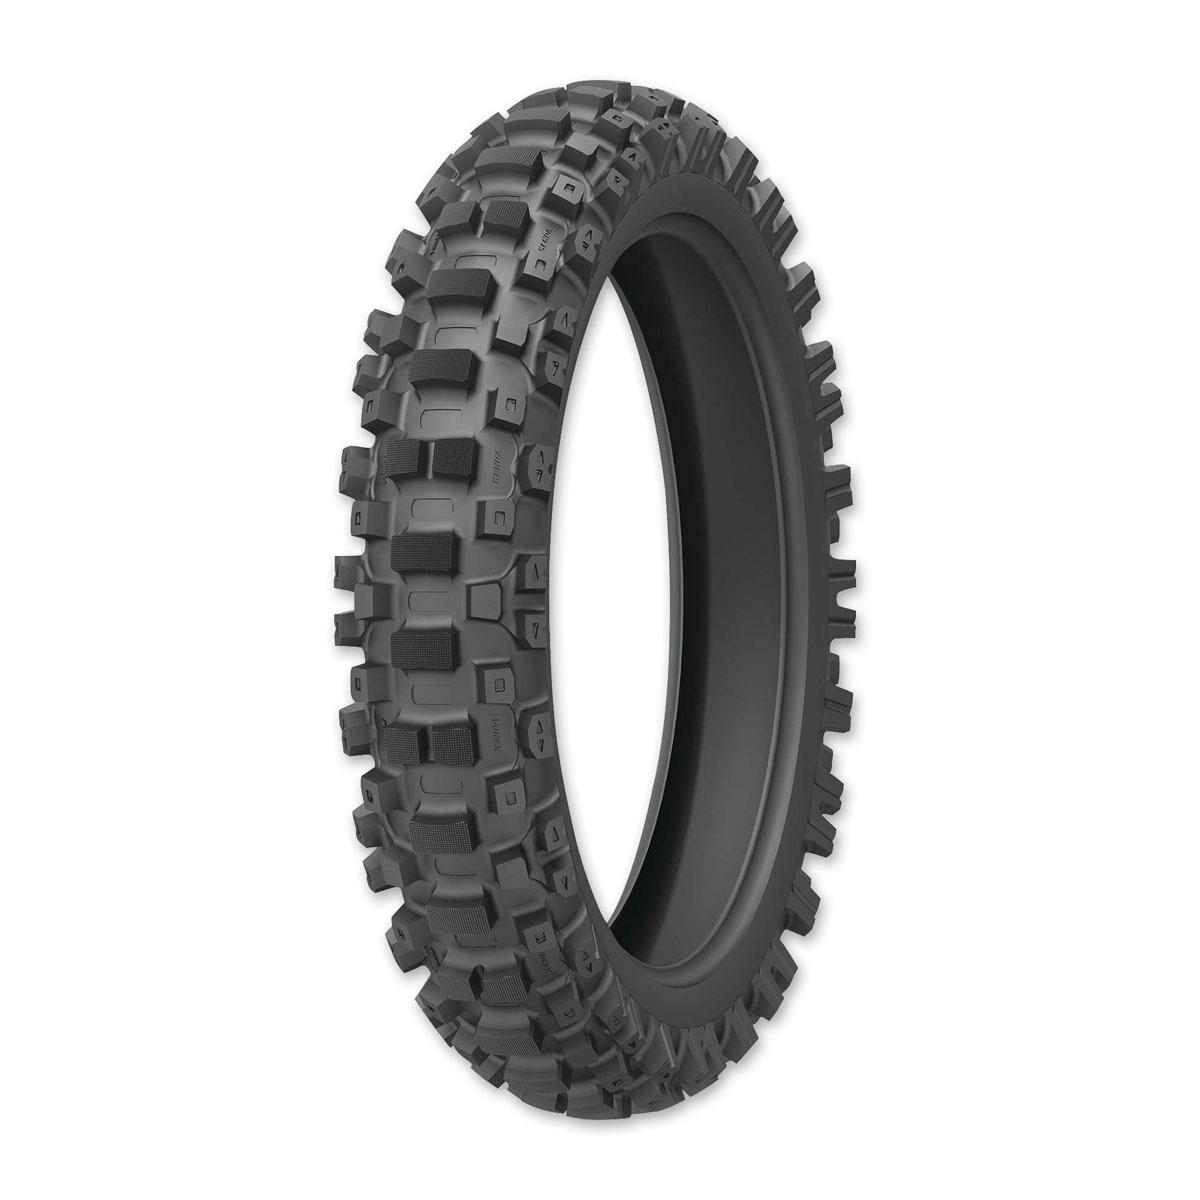 Kenda Tires Washougal II 80/100-10 Rear Tire